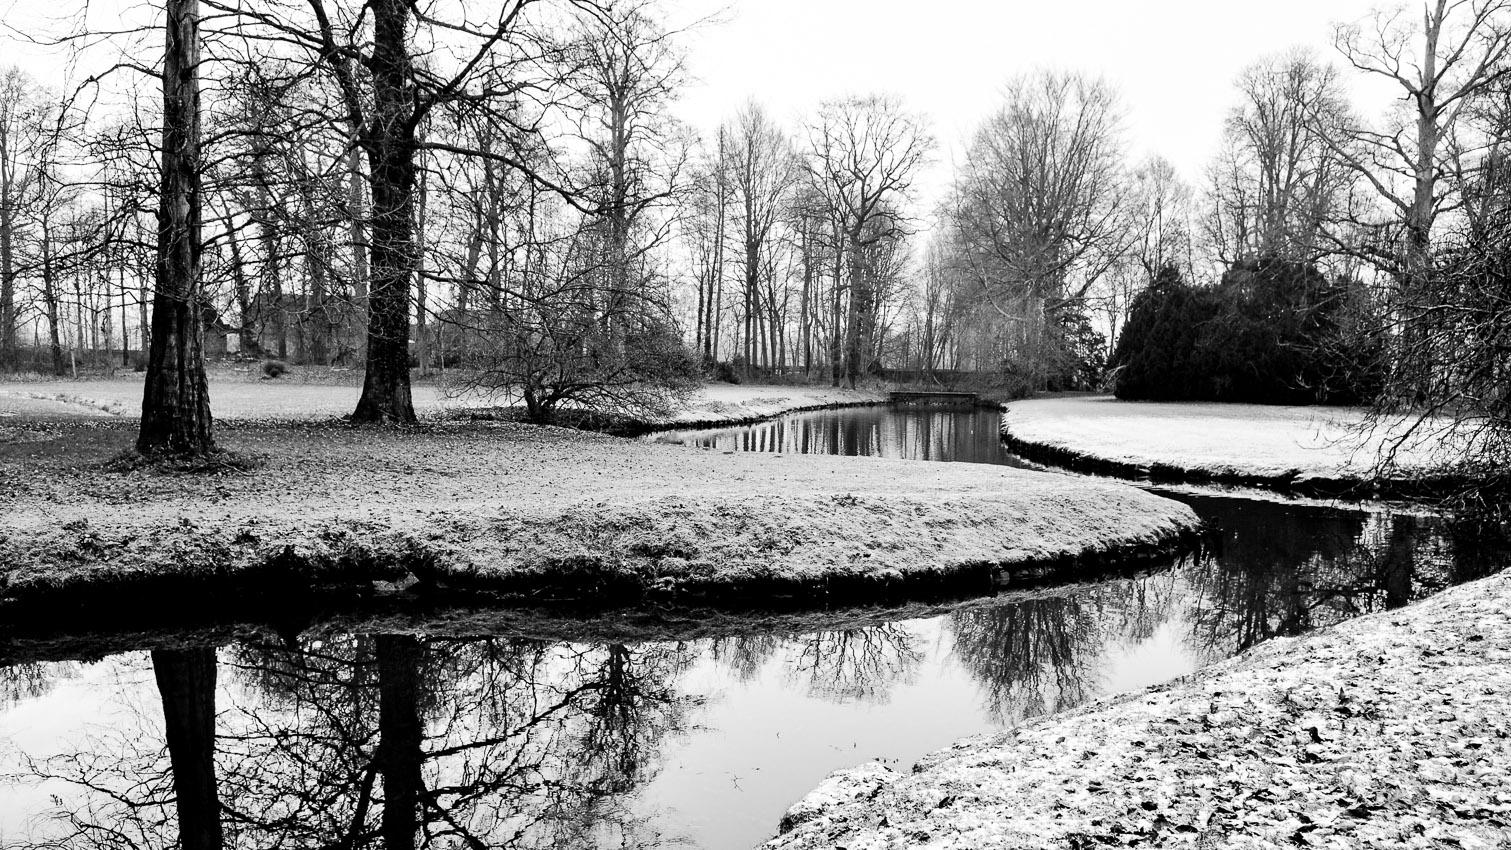 19-parc-foret-location-decors-film-cinema-photo-belgium-bruxelles